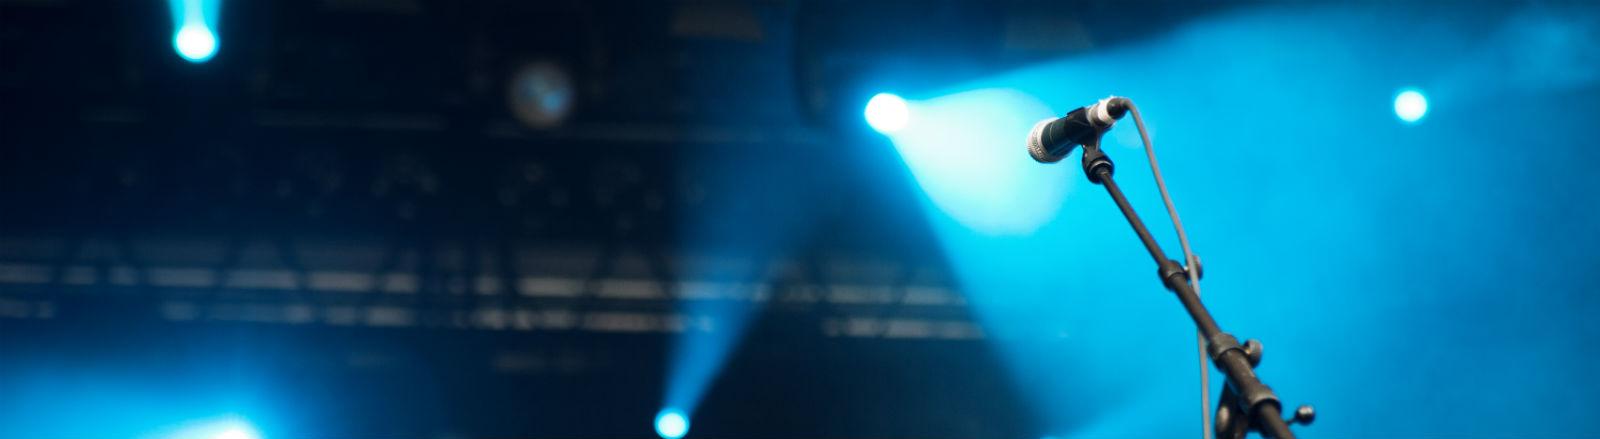 Ein Mikro auf einer Bühne.